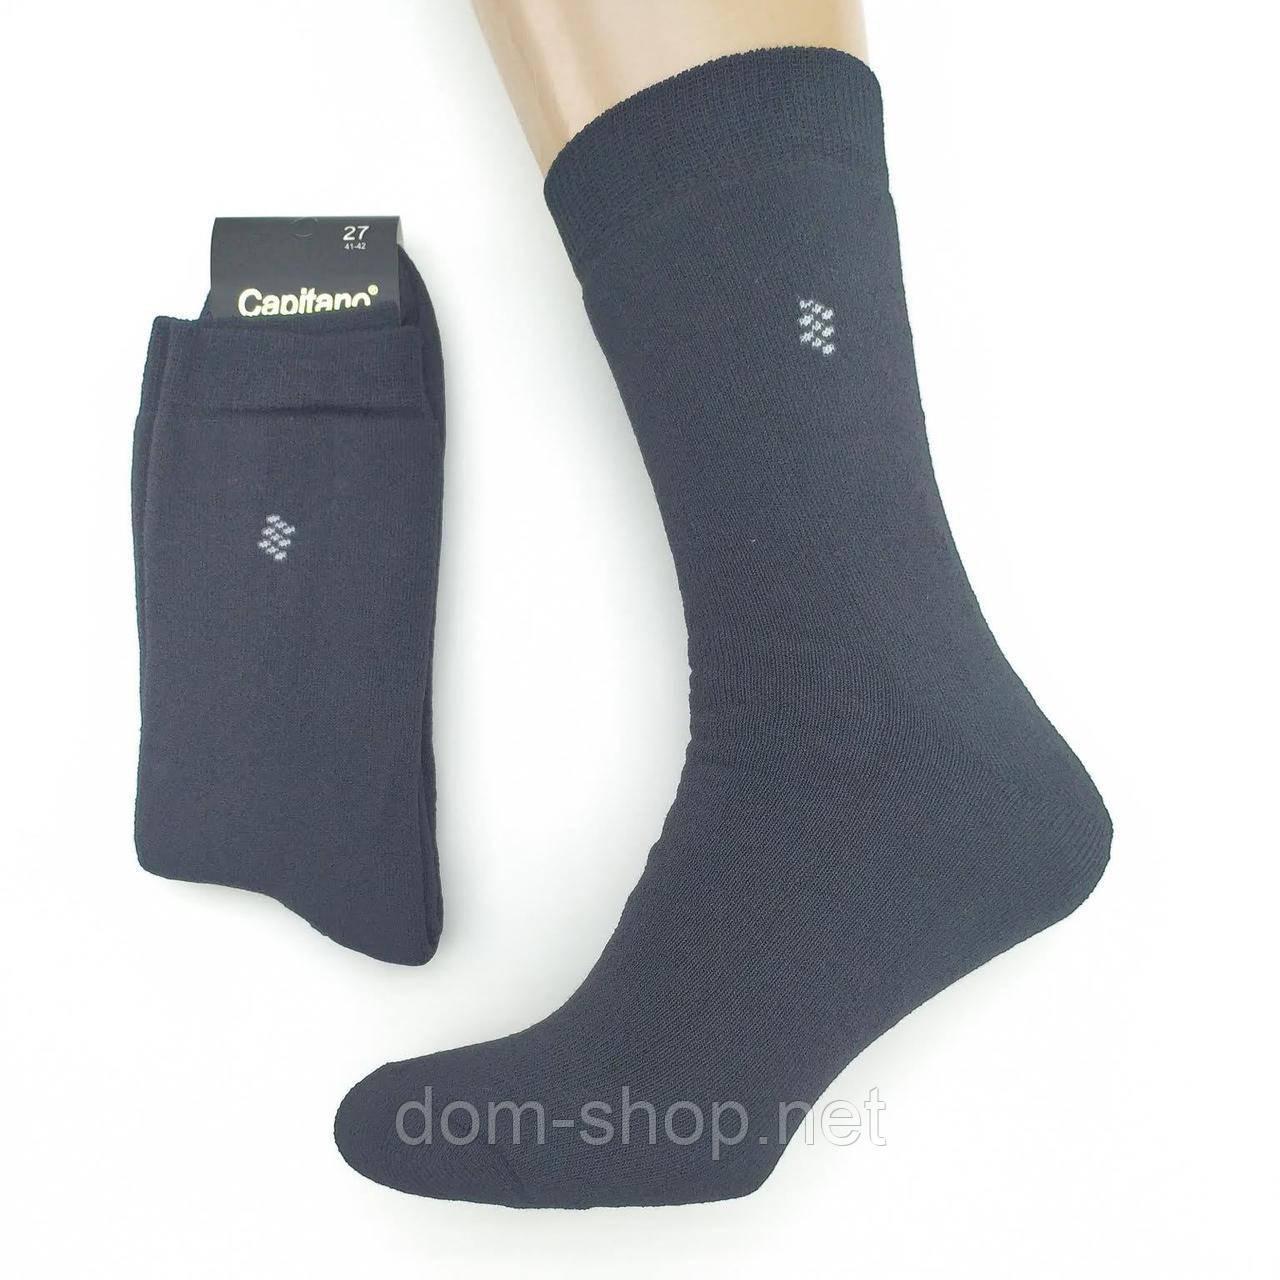 Махровые мужские носки высокие Capitano 29р черные Червоноград